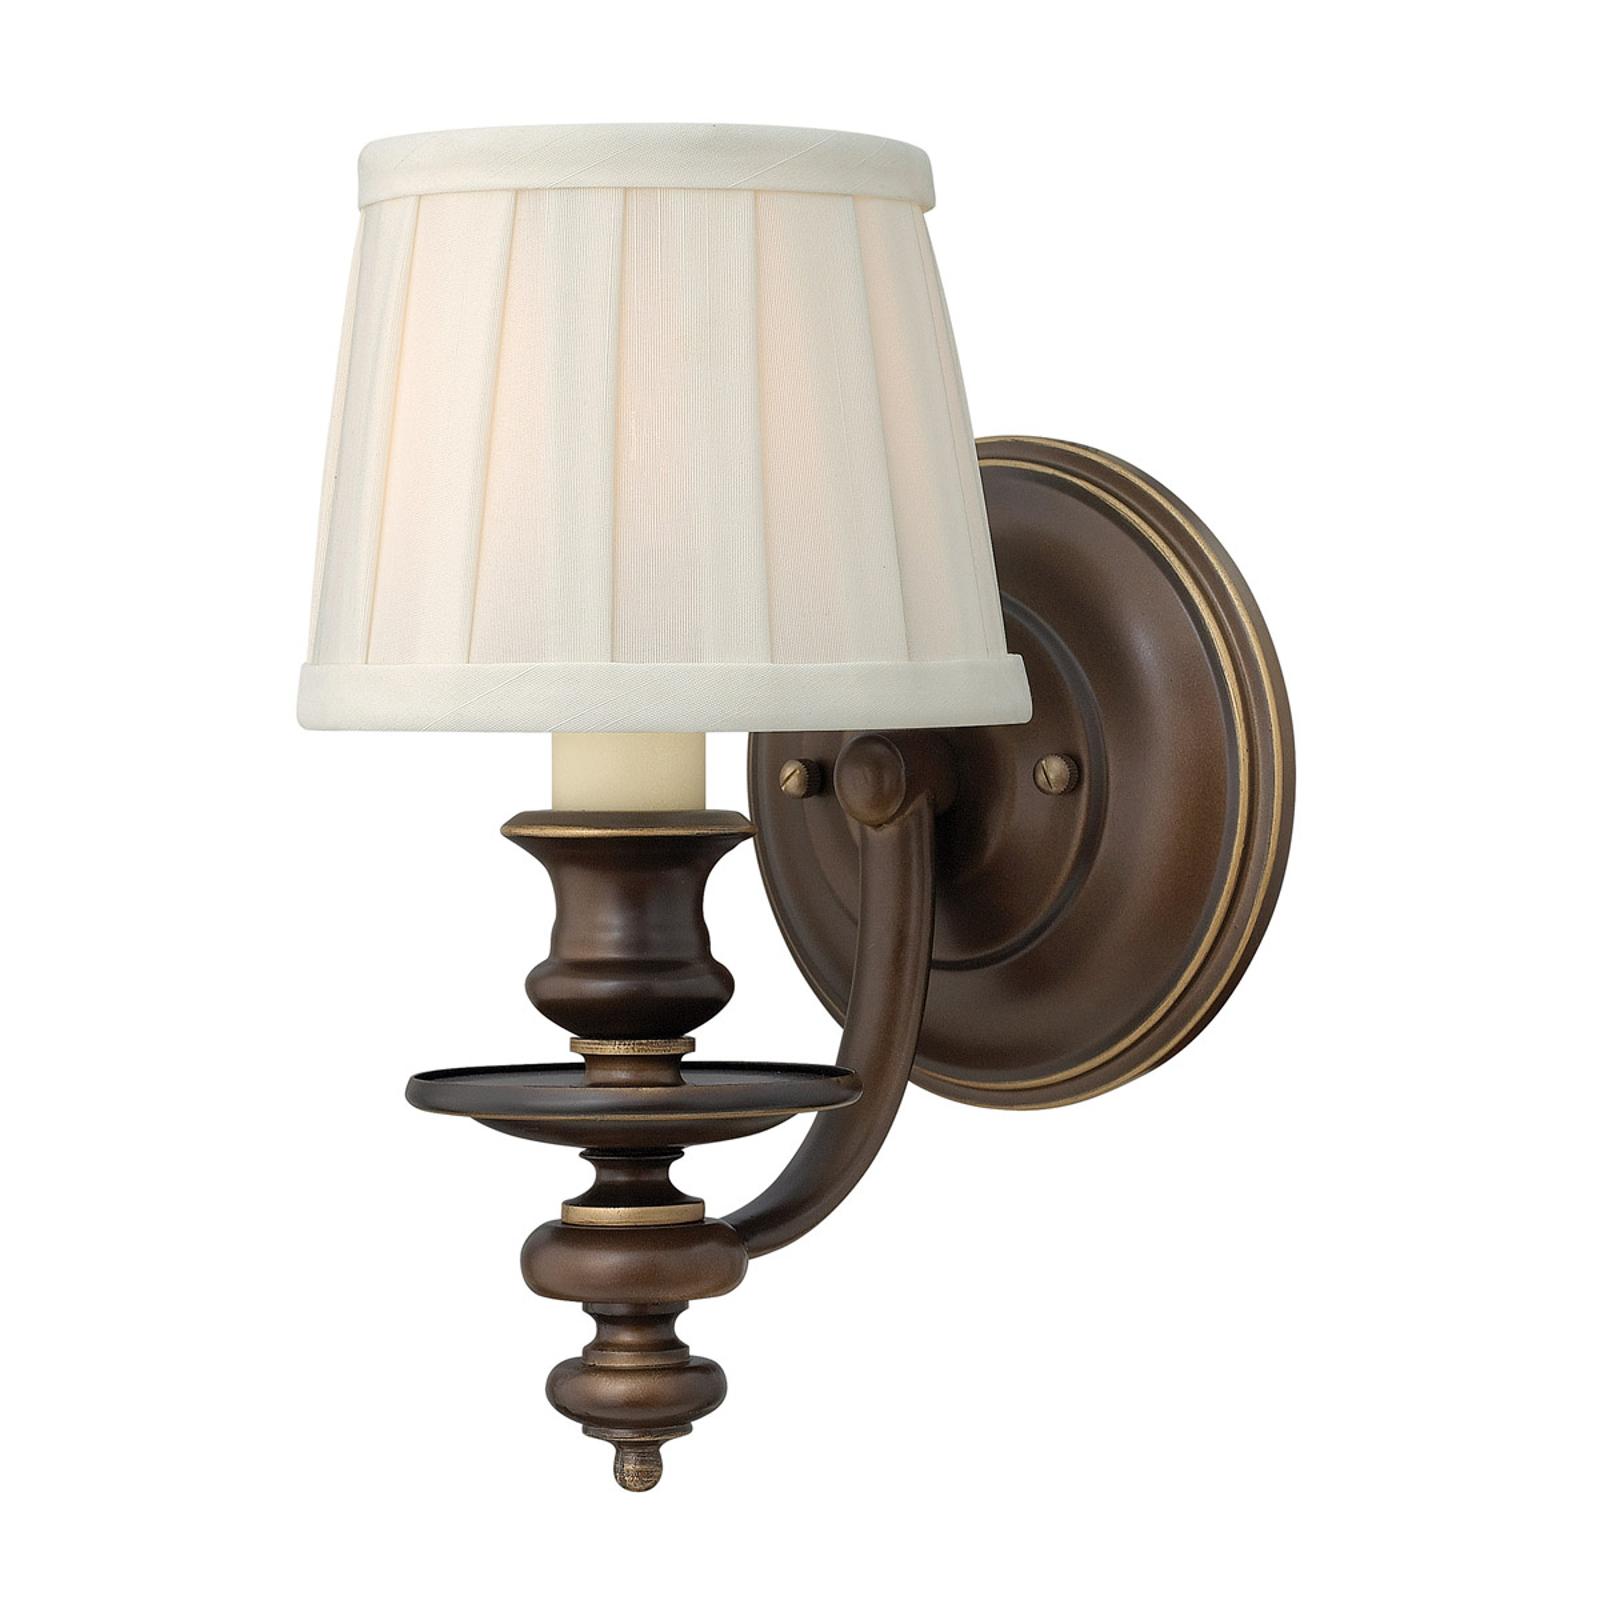 Beschermde textiel-wandlamp Dunhill